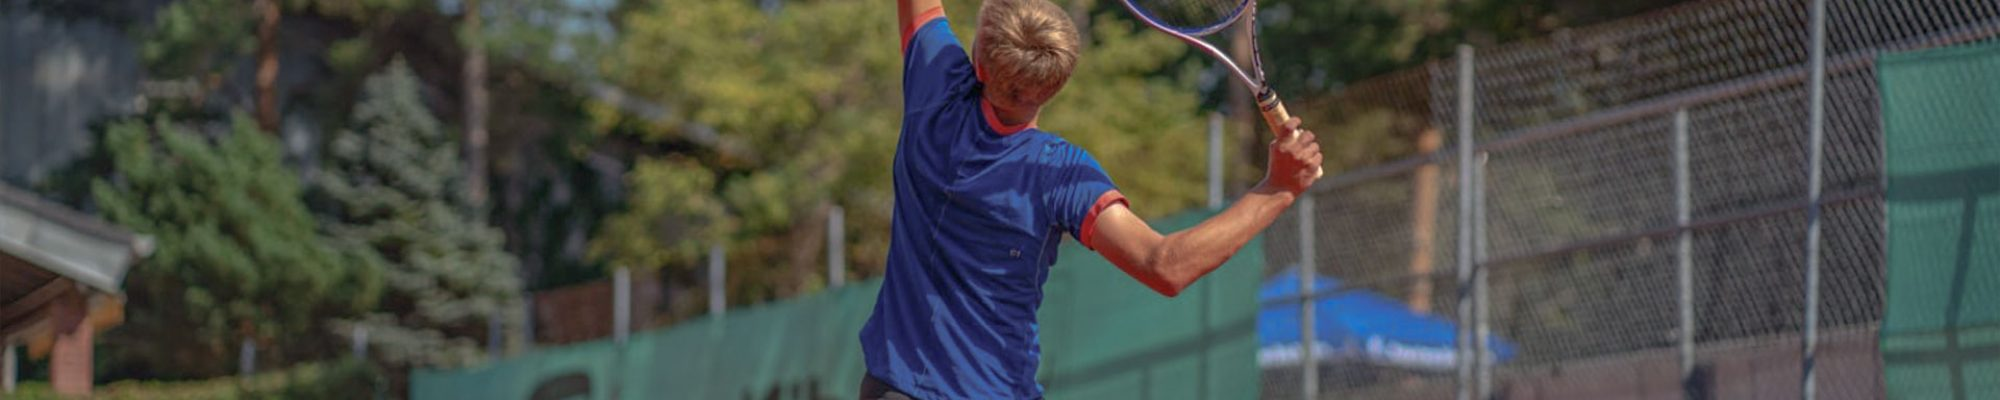 Dejan Malic Tennis Academy für Erwachsene